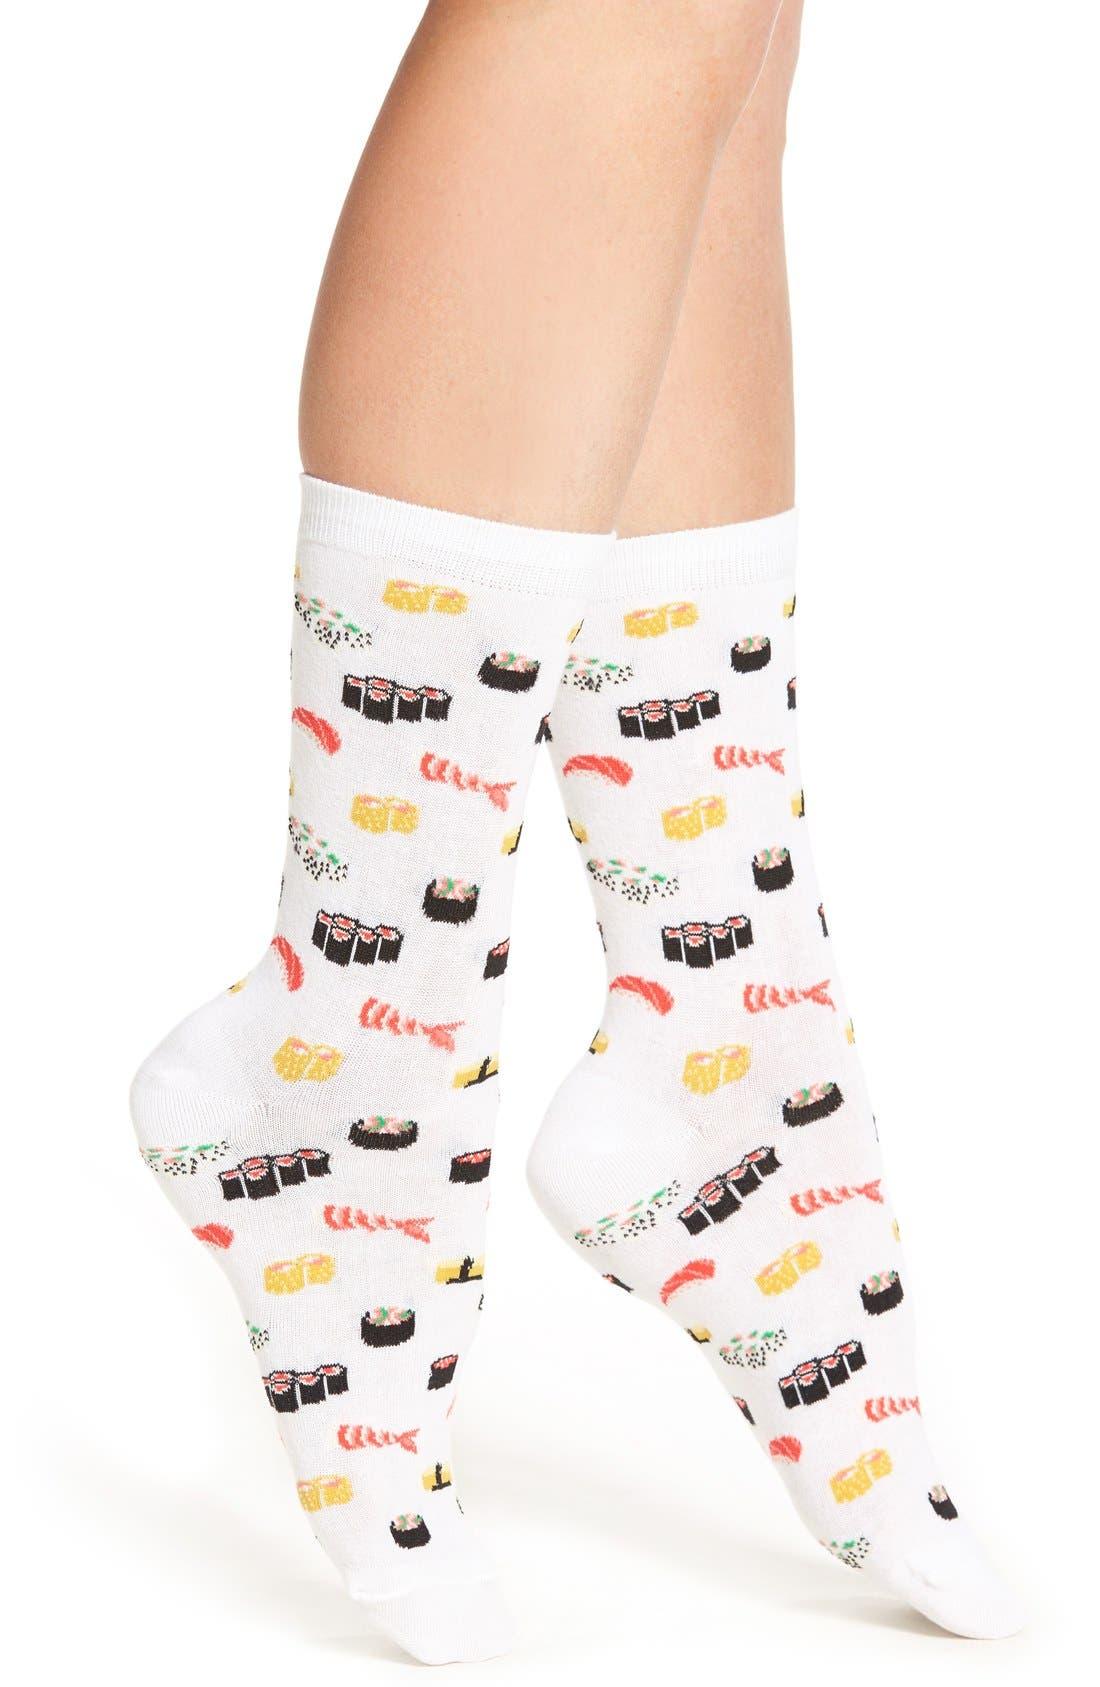 Hot Sox 'Sushi' Crew Socks